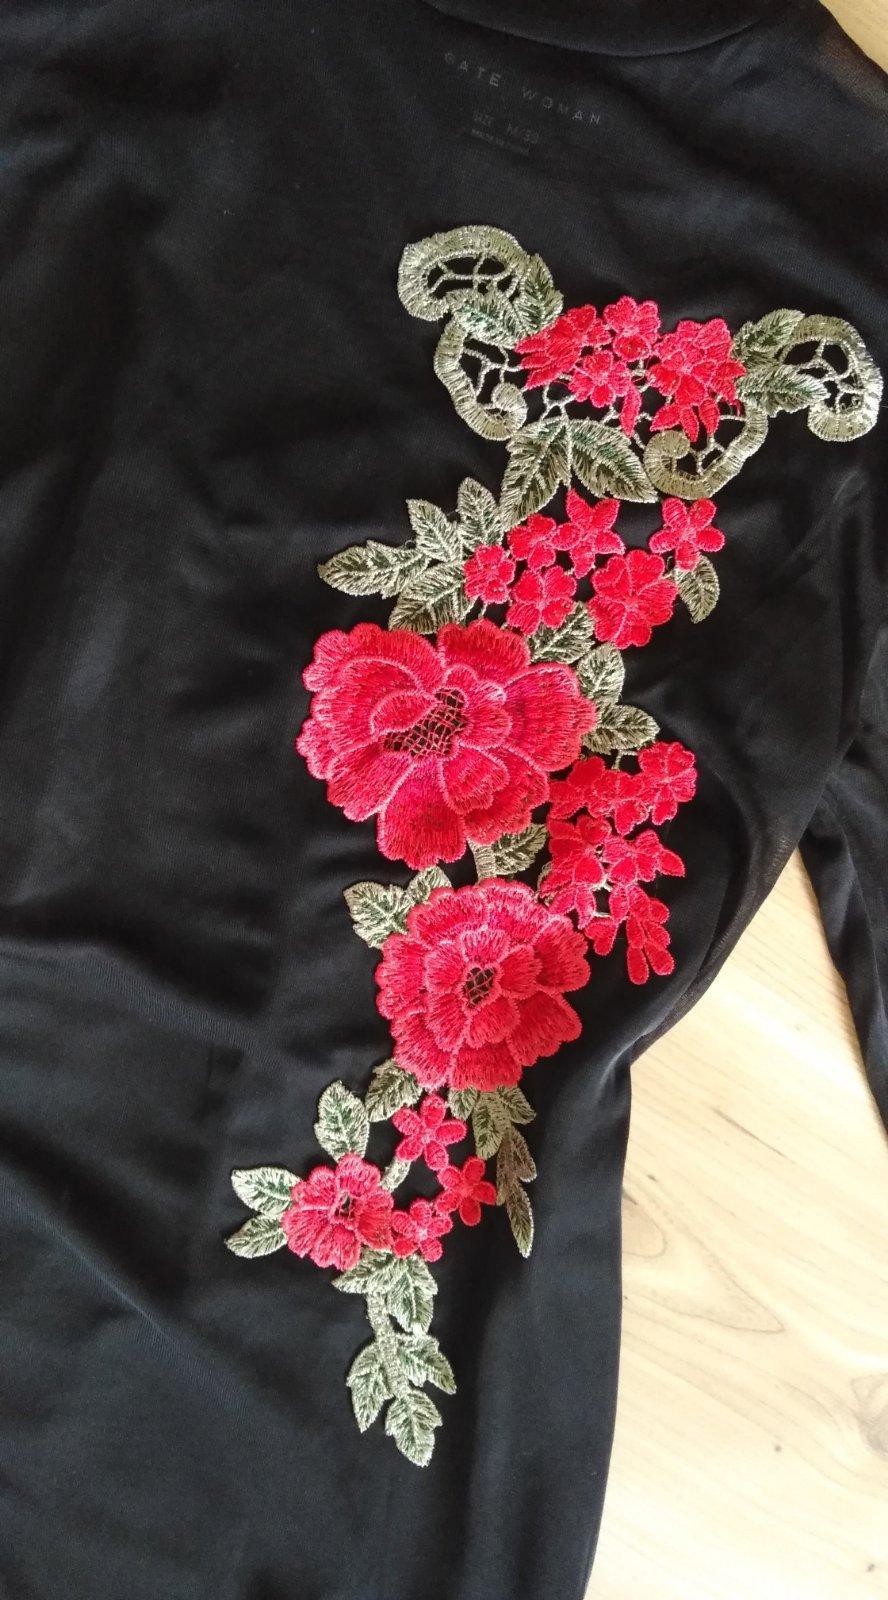 šaty s výšivkou - Obrázok č. 2